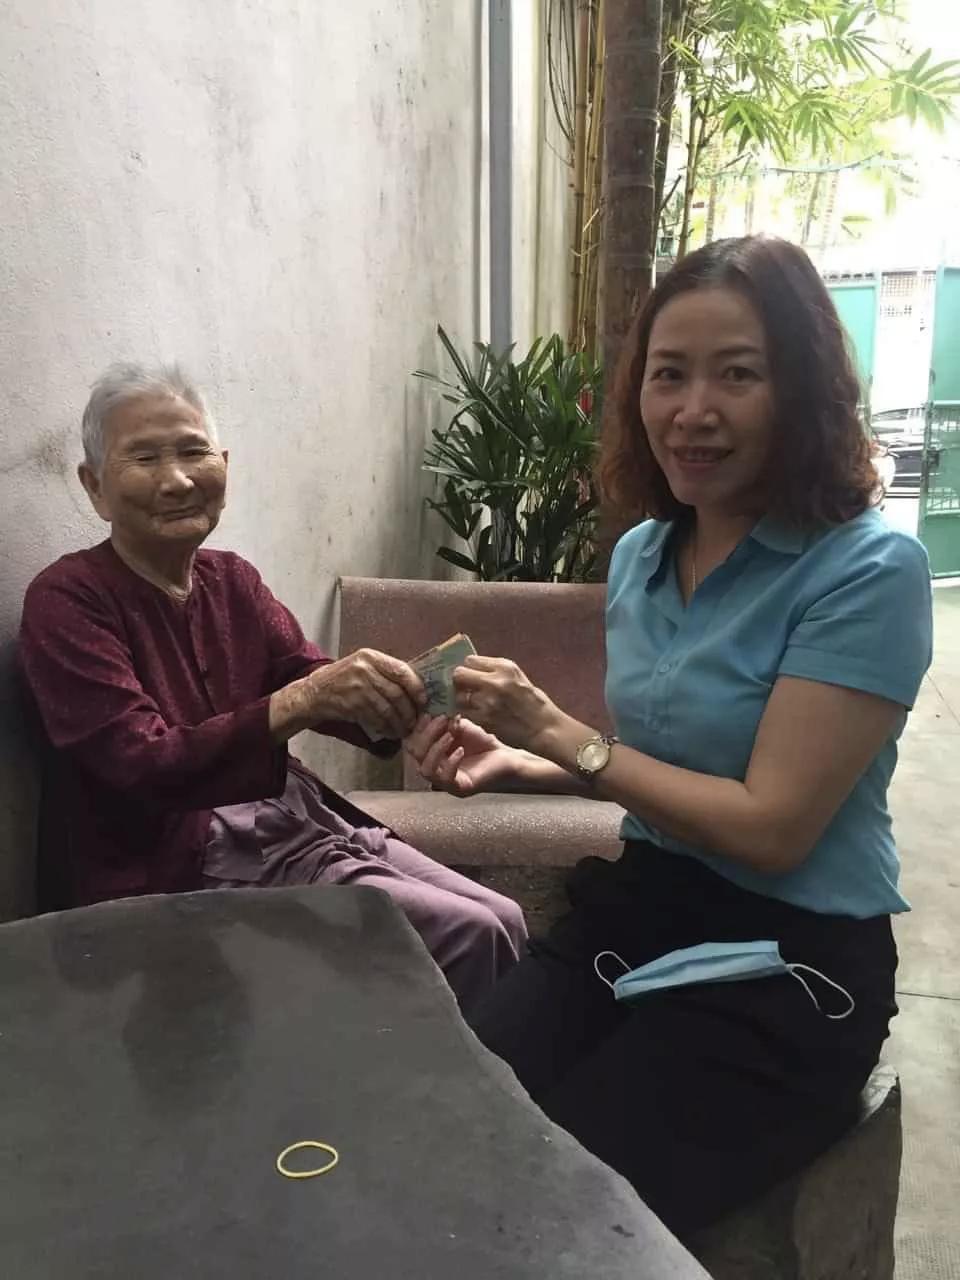 Mẹ Việt Nam anh hùng 91 tuổi ủng hộ 5 triệu đồng chống dịch Covid-19 - Ảnh 1